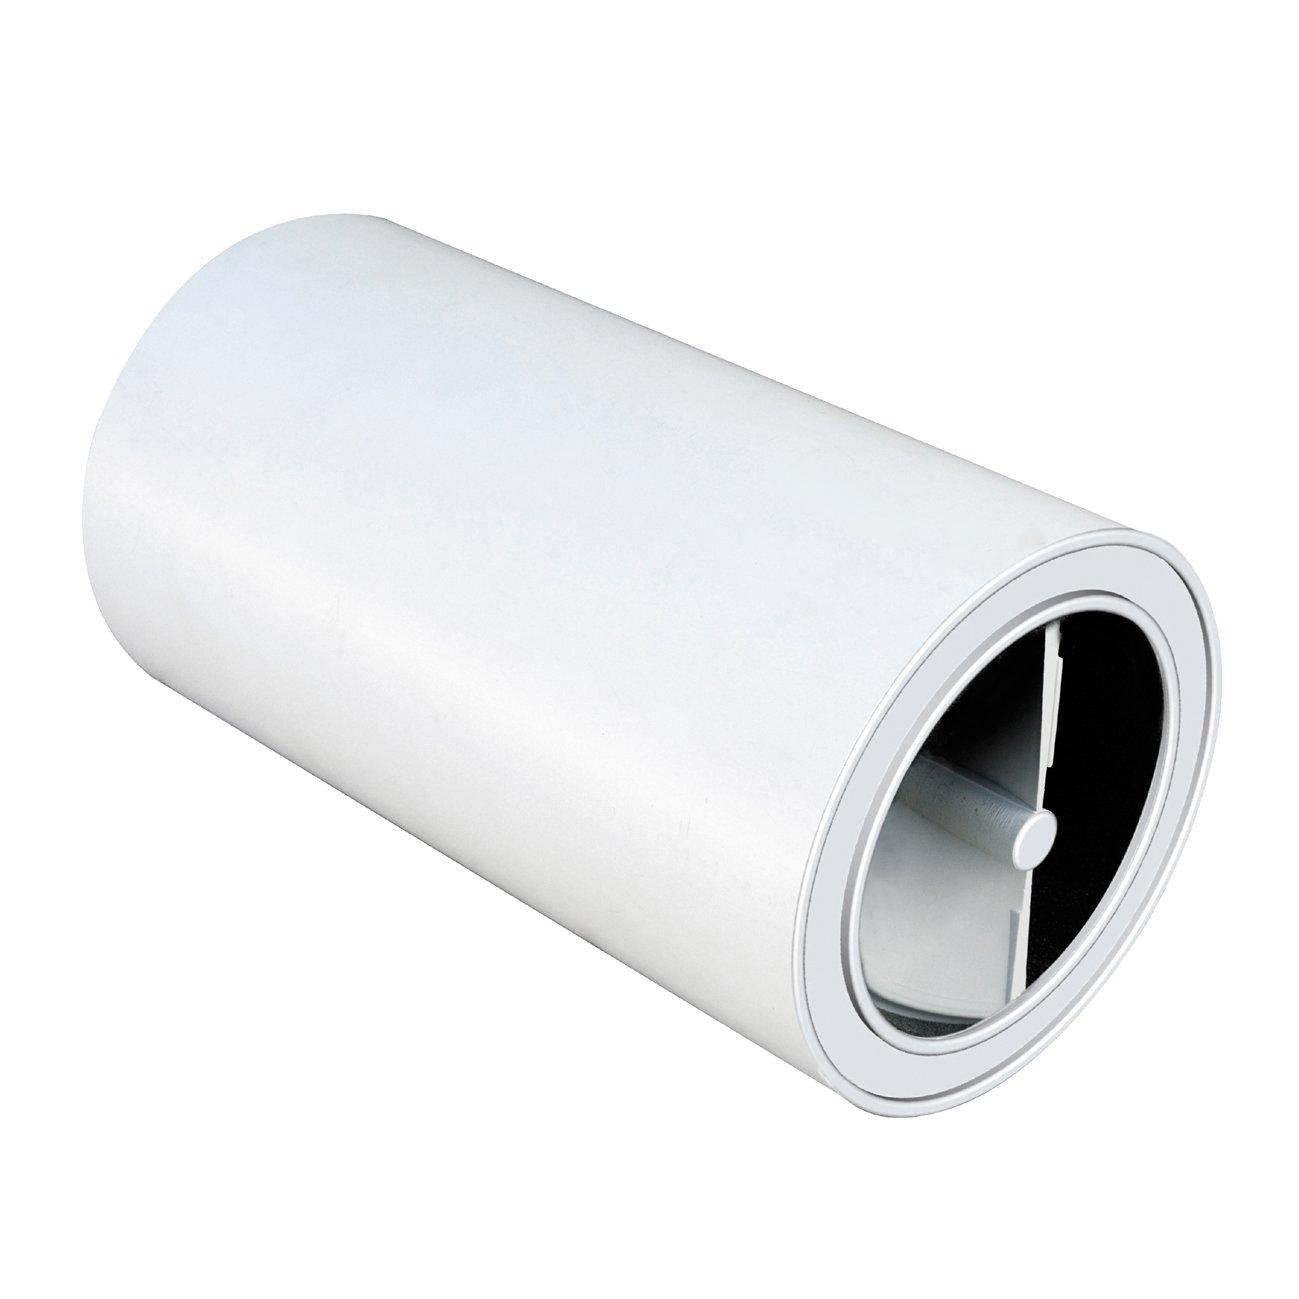 Durchmesser 160/mm Die Bel/üftung he4330/akustisches Schalld/ämpfer f/ür L/öcher und durchgef/ührt von Ventilation